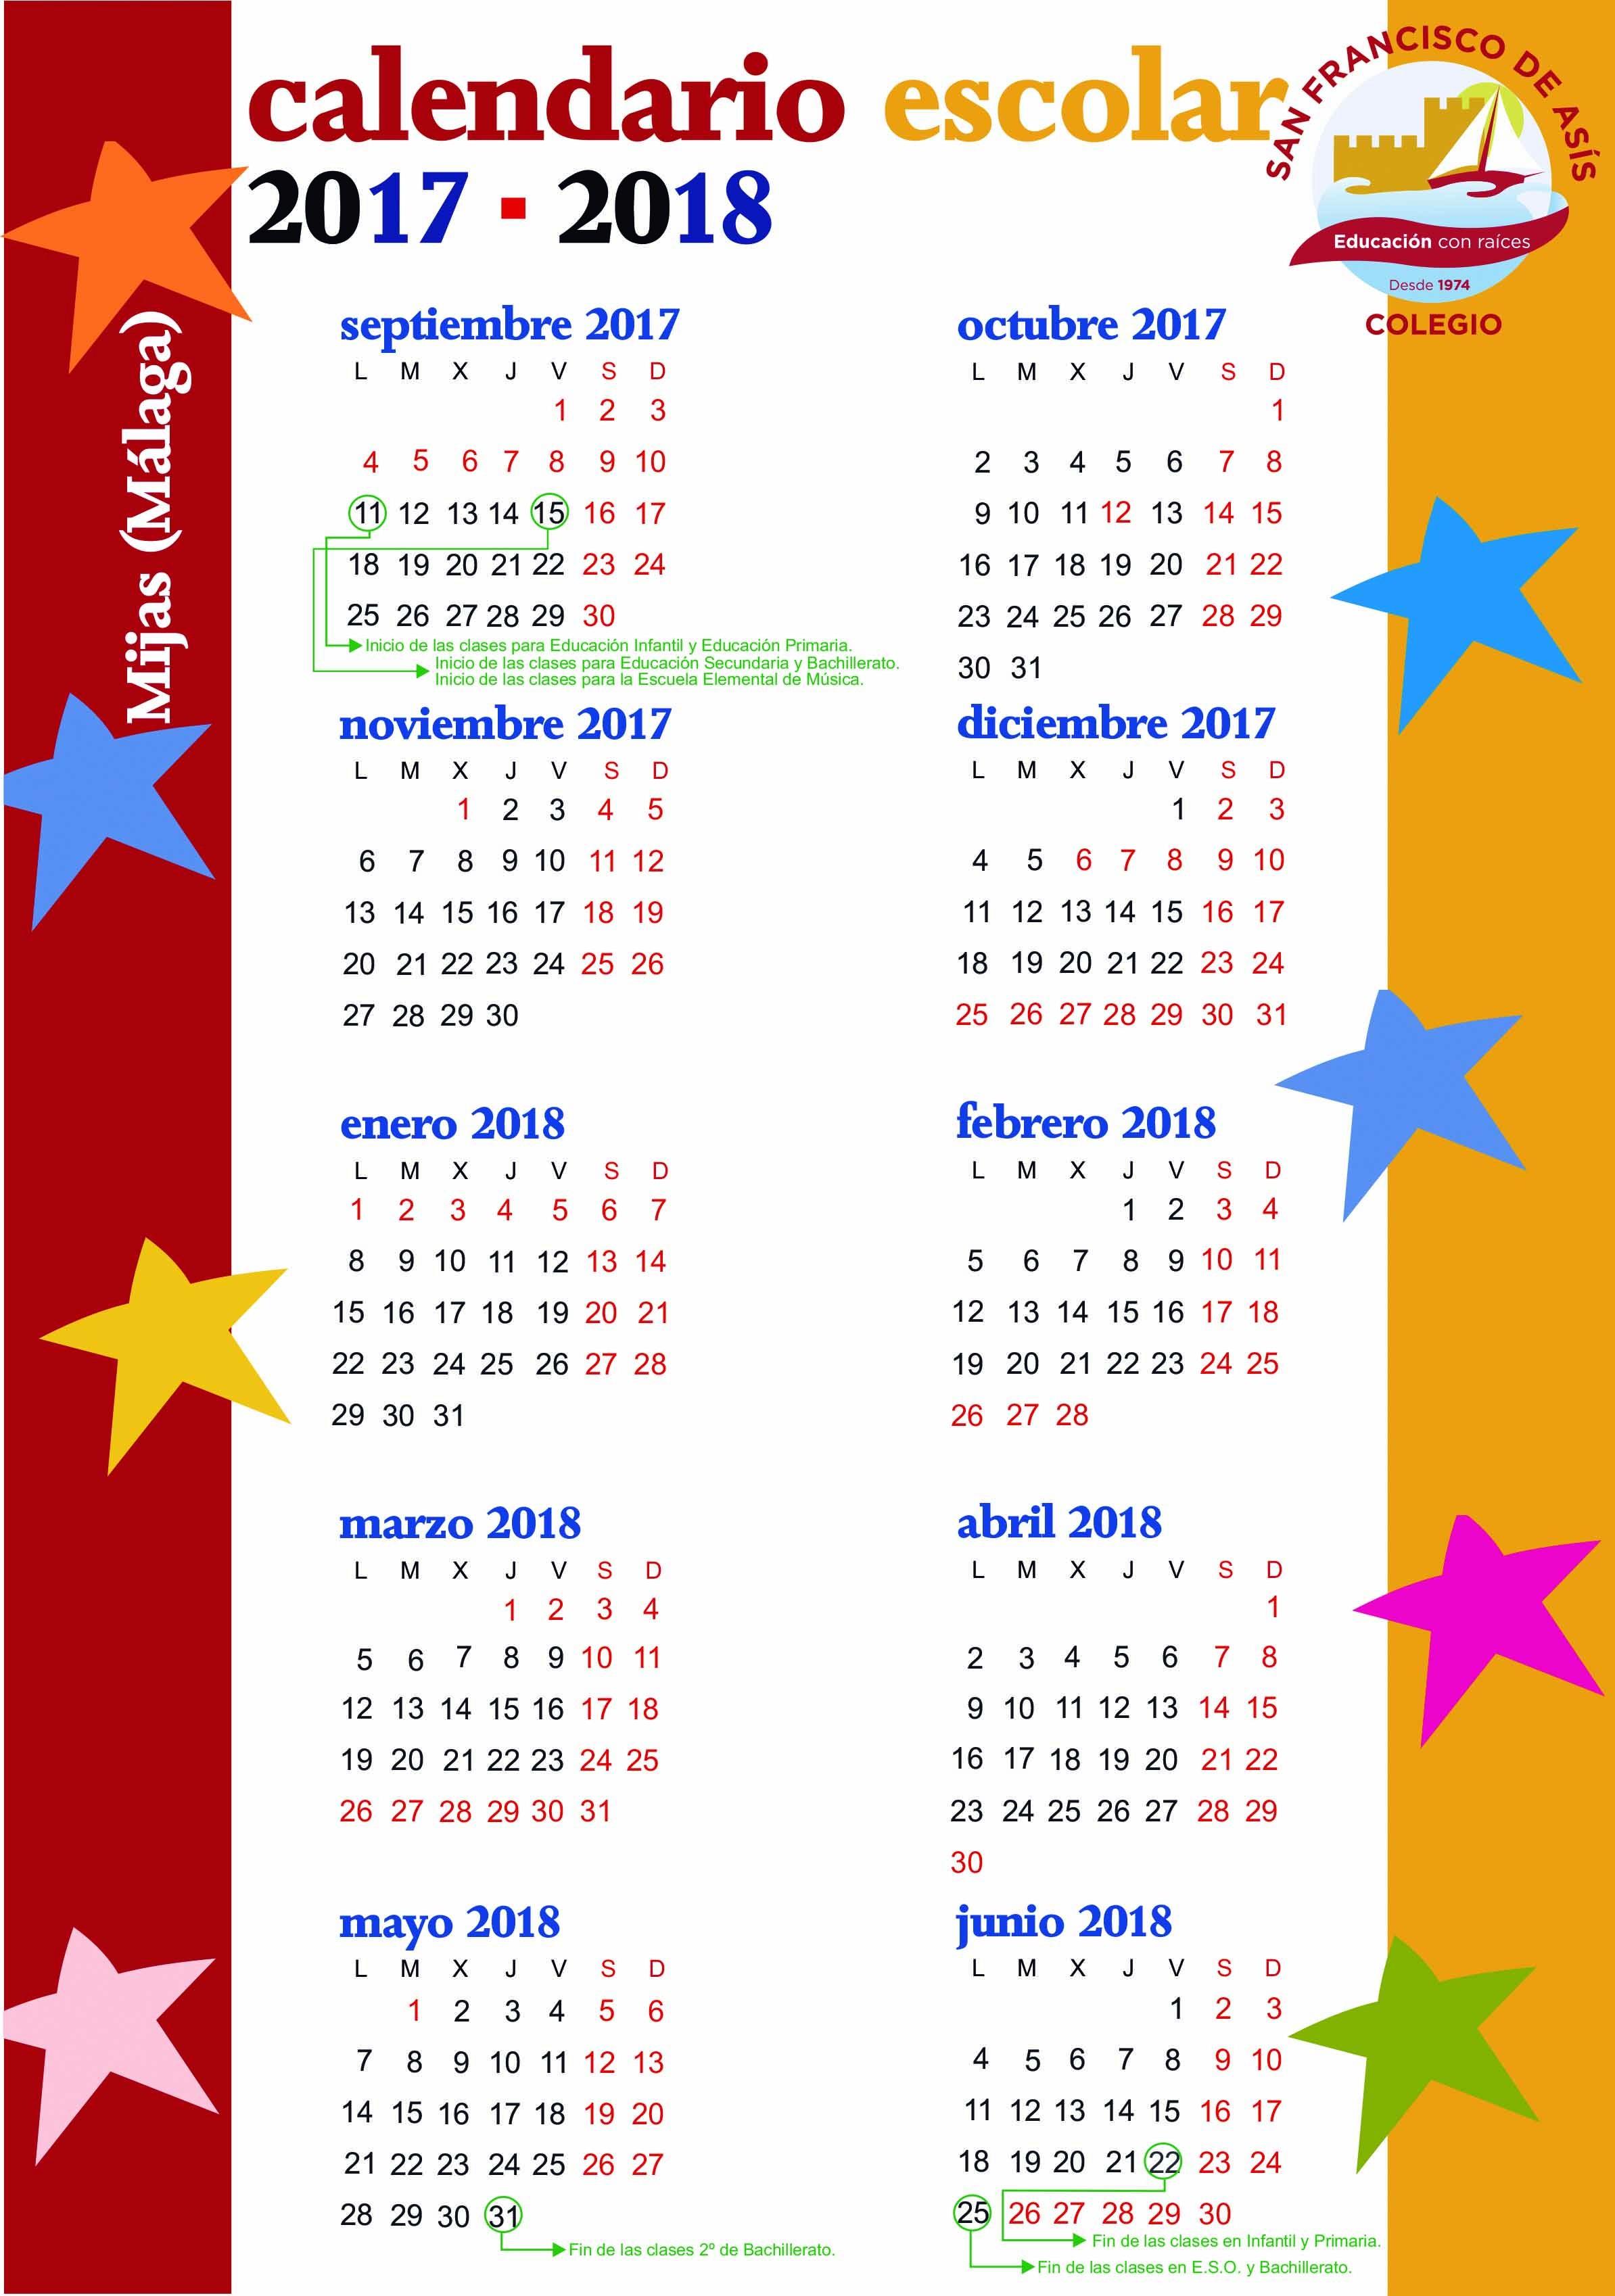 Calendario 2019 Venezuela Feriados Para Imprimir Más Caliente Fin De A±o Escolar 2018 Republica Dominicana Chungcuso3luongyen